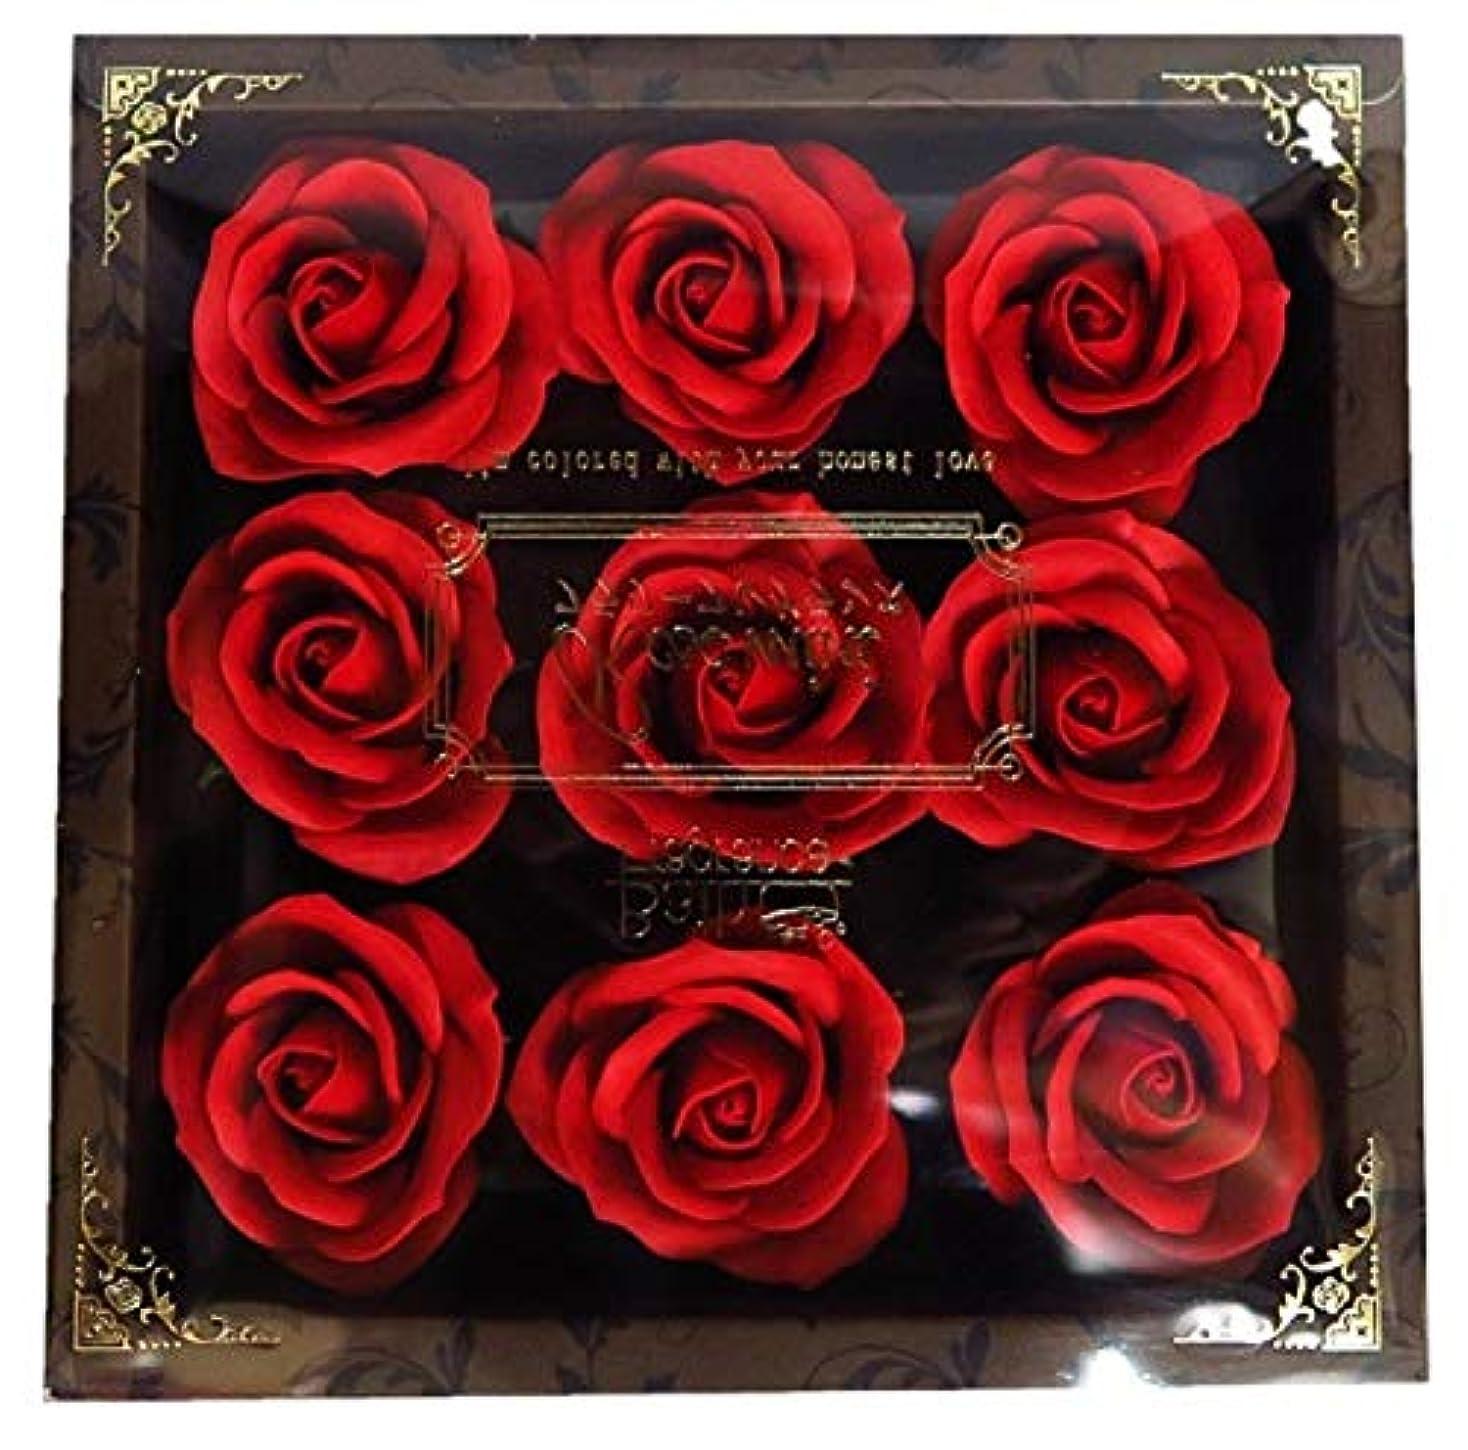 実質的麻酔薬承認バスフレグランス フラワーフレグランス ミニローズフレグランス(L)レッド ギフト お花の形の入浴剤 プレゼント ばら